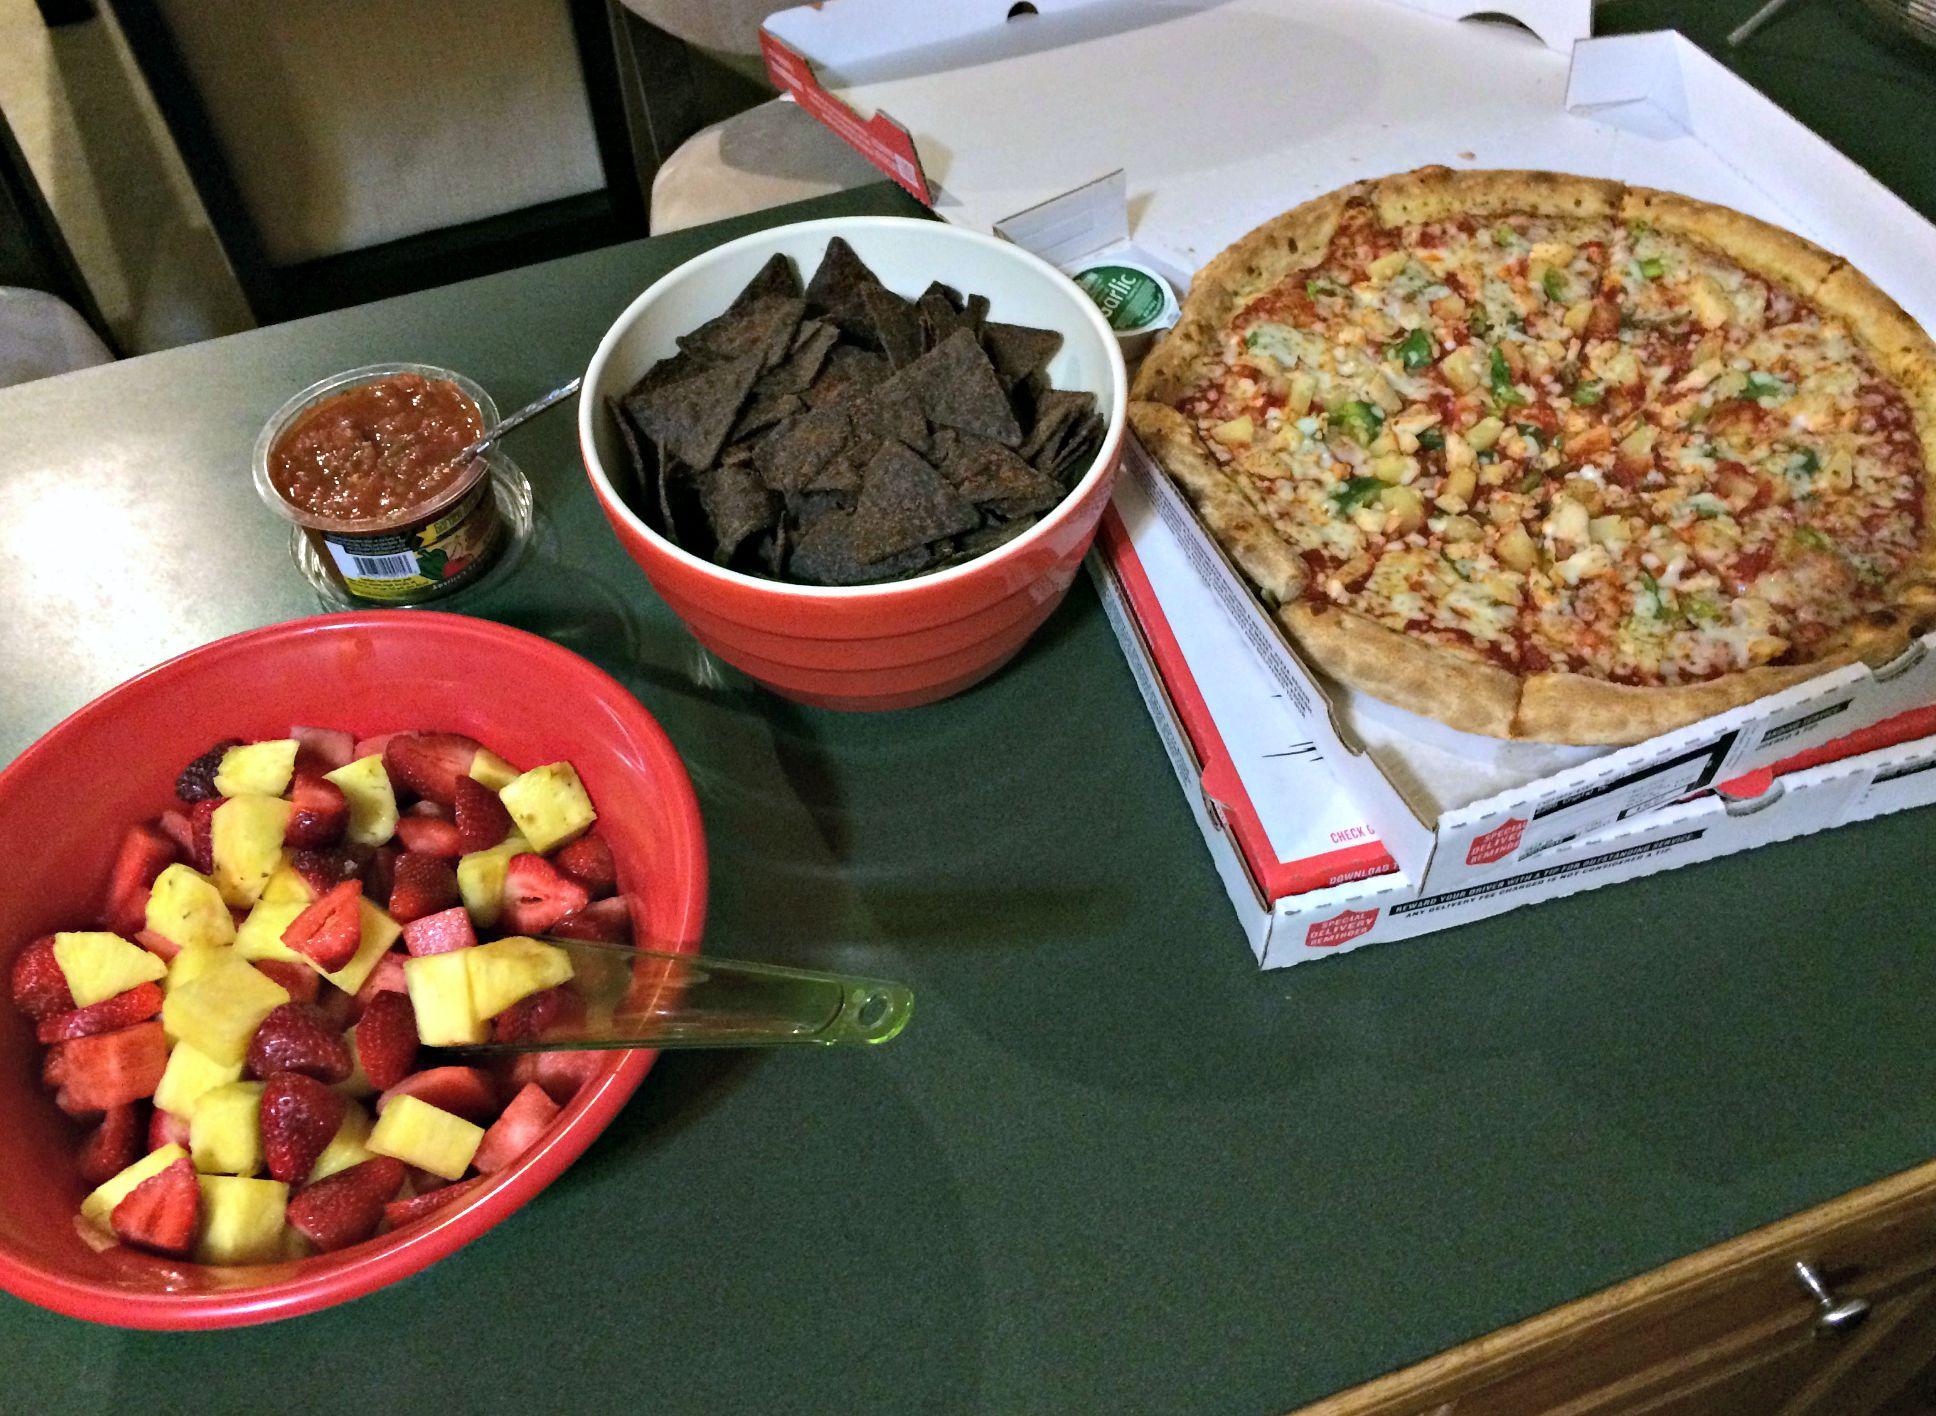 papa johns pizza and snacks